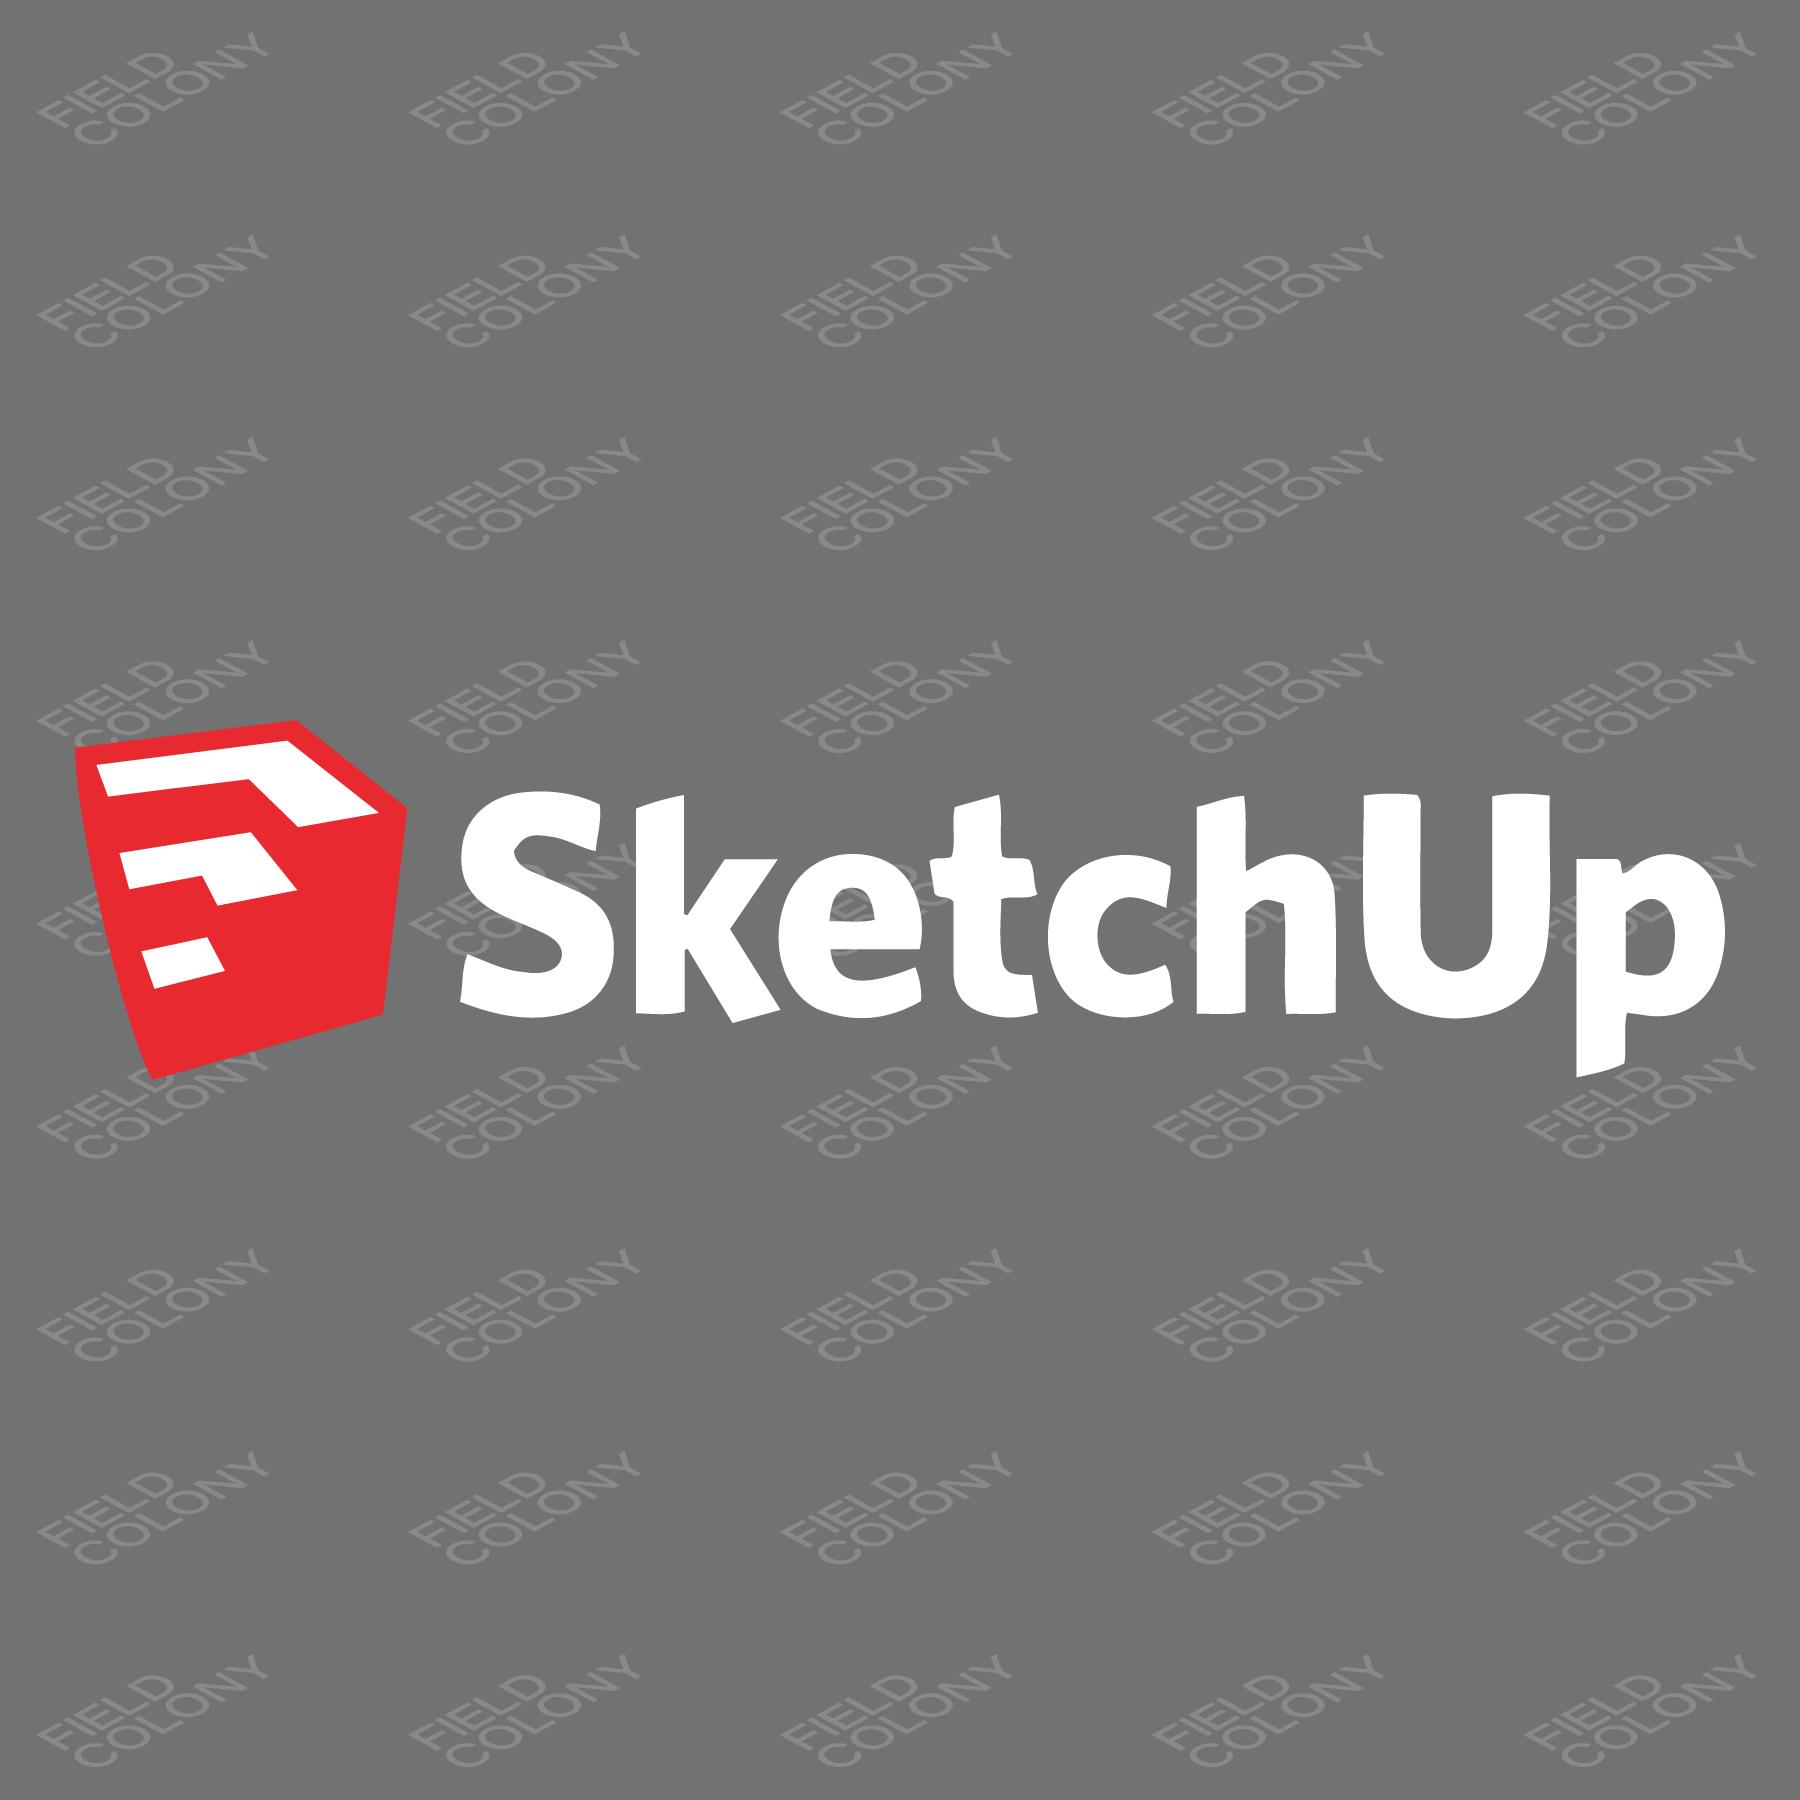 SketchUp-FullLogo-01-01.png